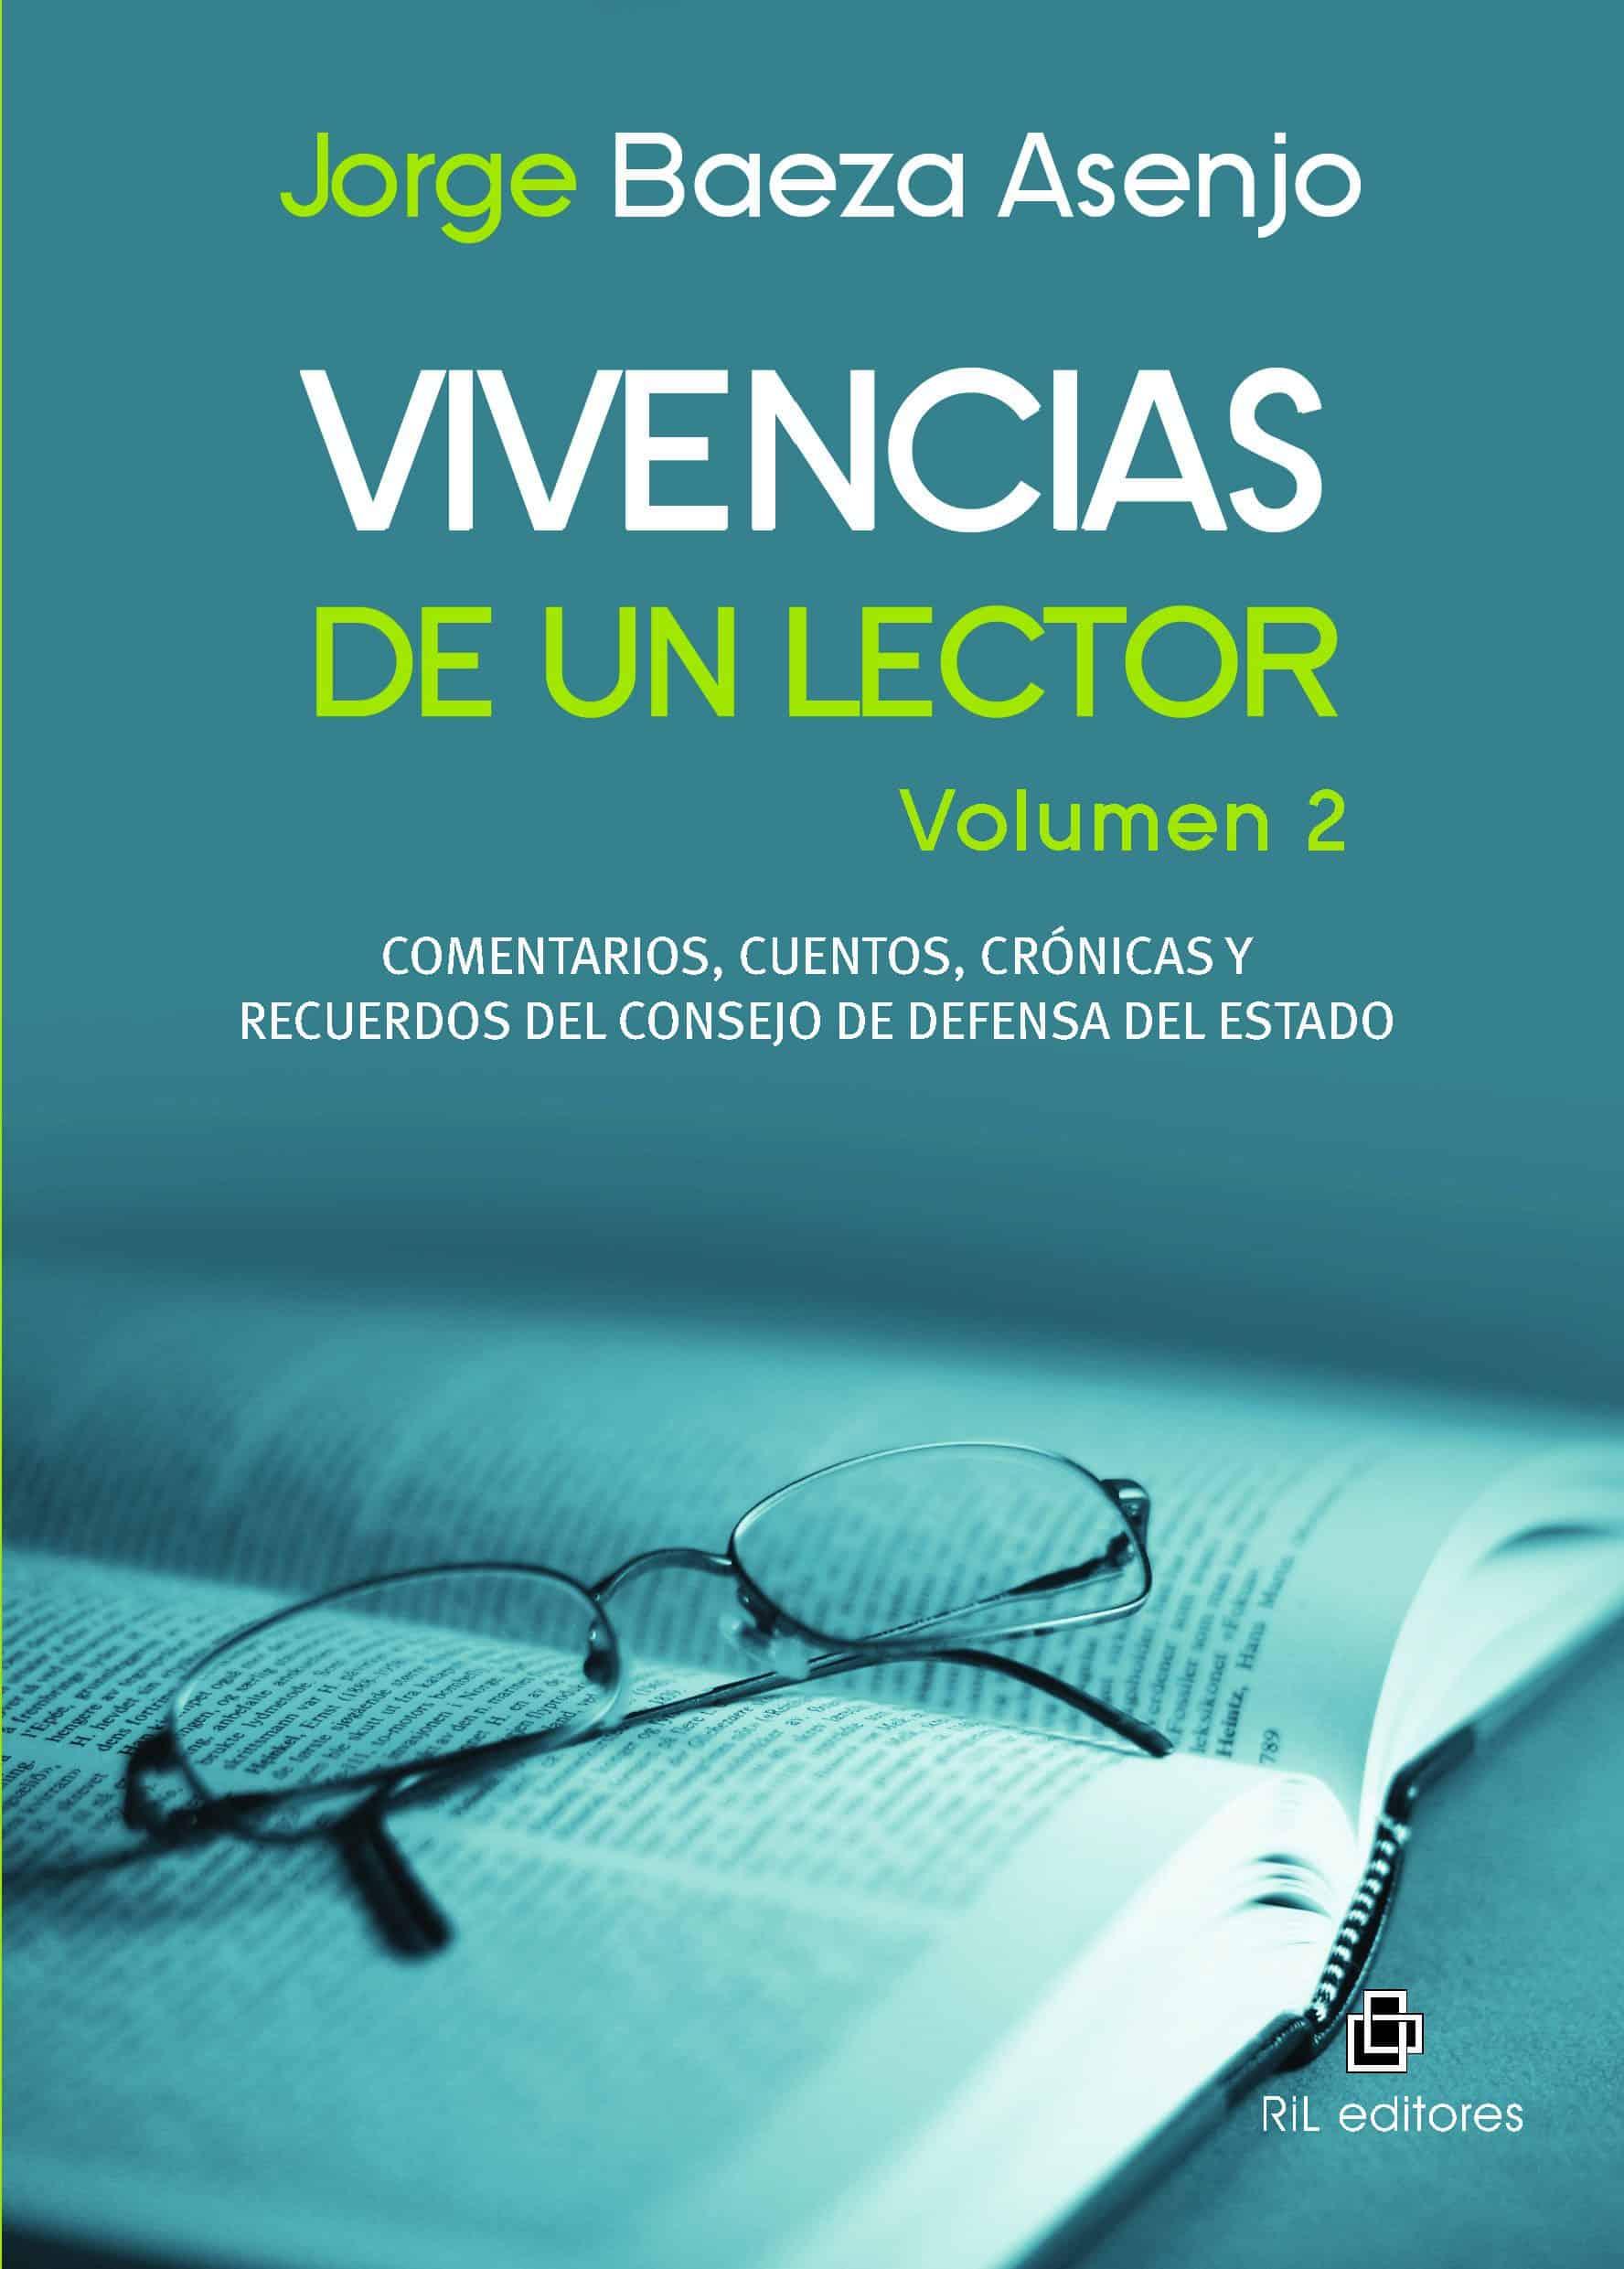 Vivencias de un lector. Volumen 2: comentarios, cuentos, crónicas y recuerdos del Consejo de Defensa del Estado 1